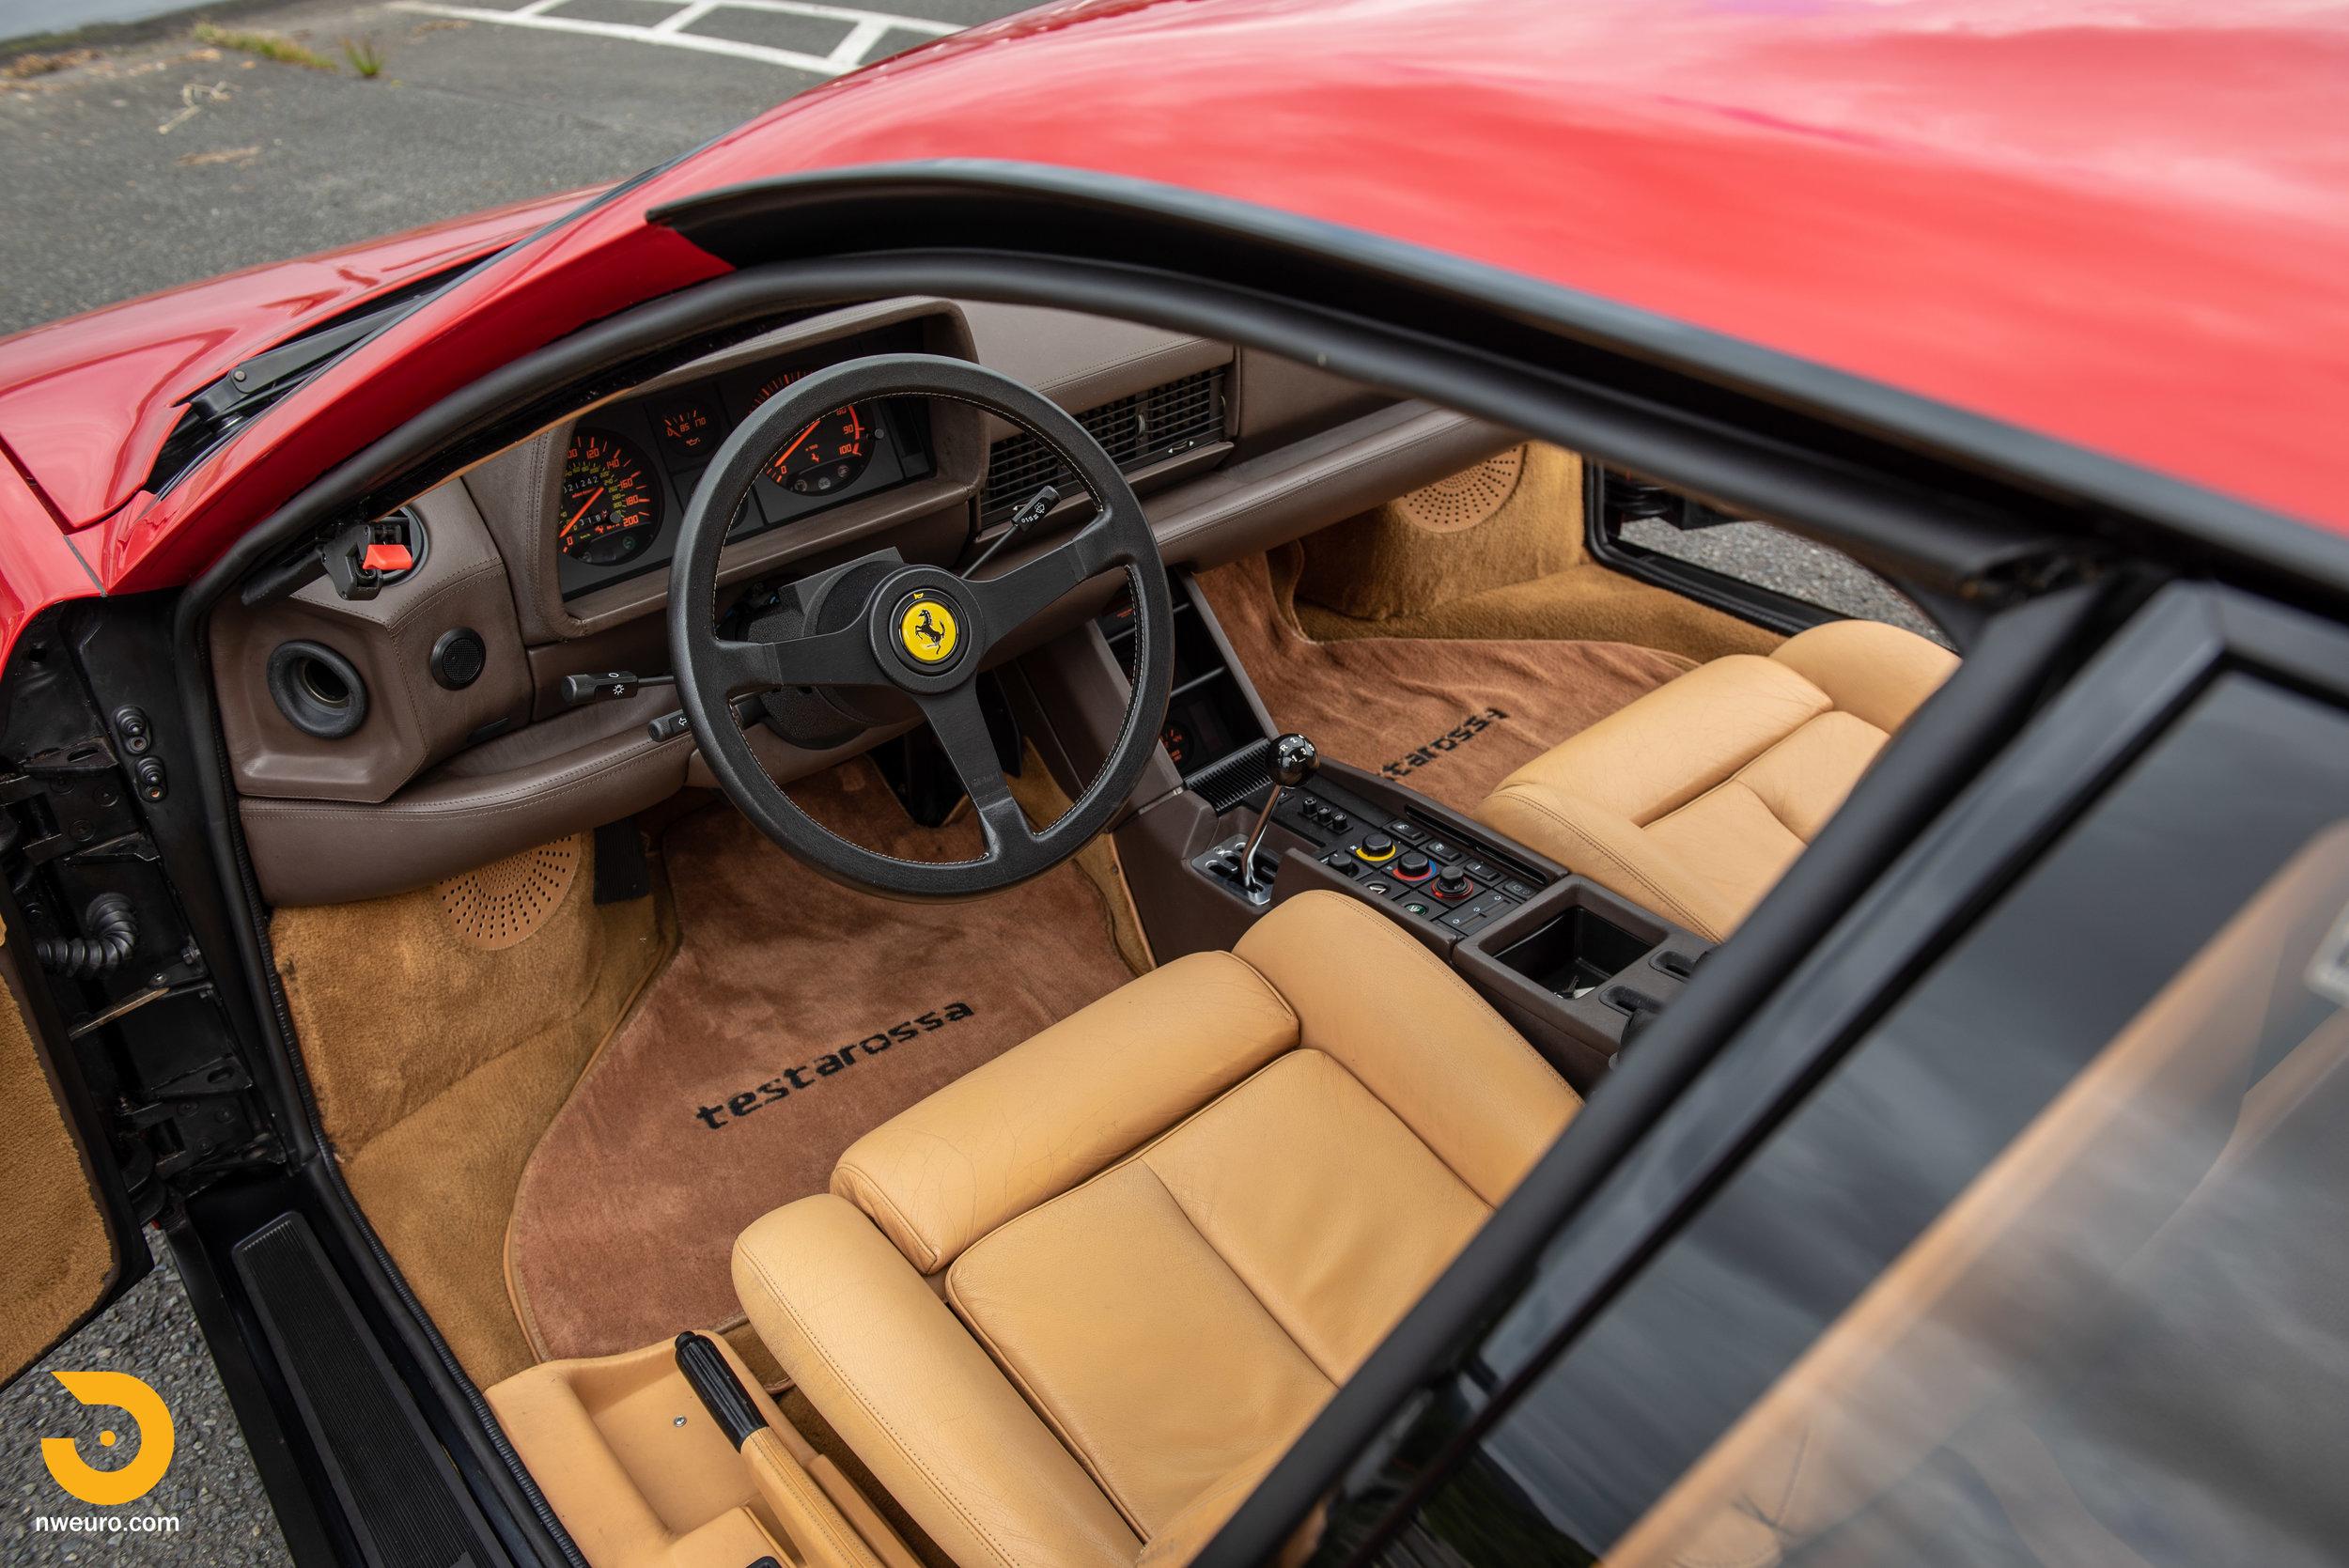 1988 Ferrari Testarossa-77.jpg